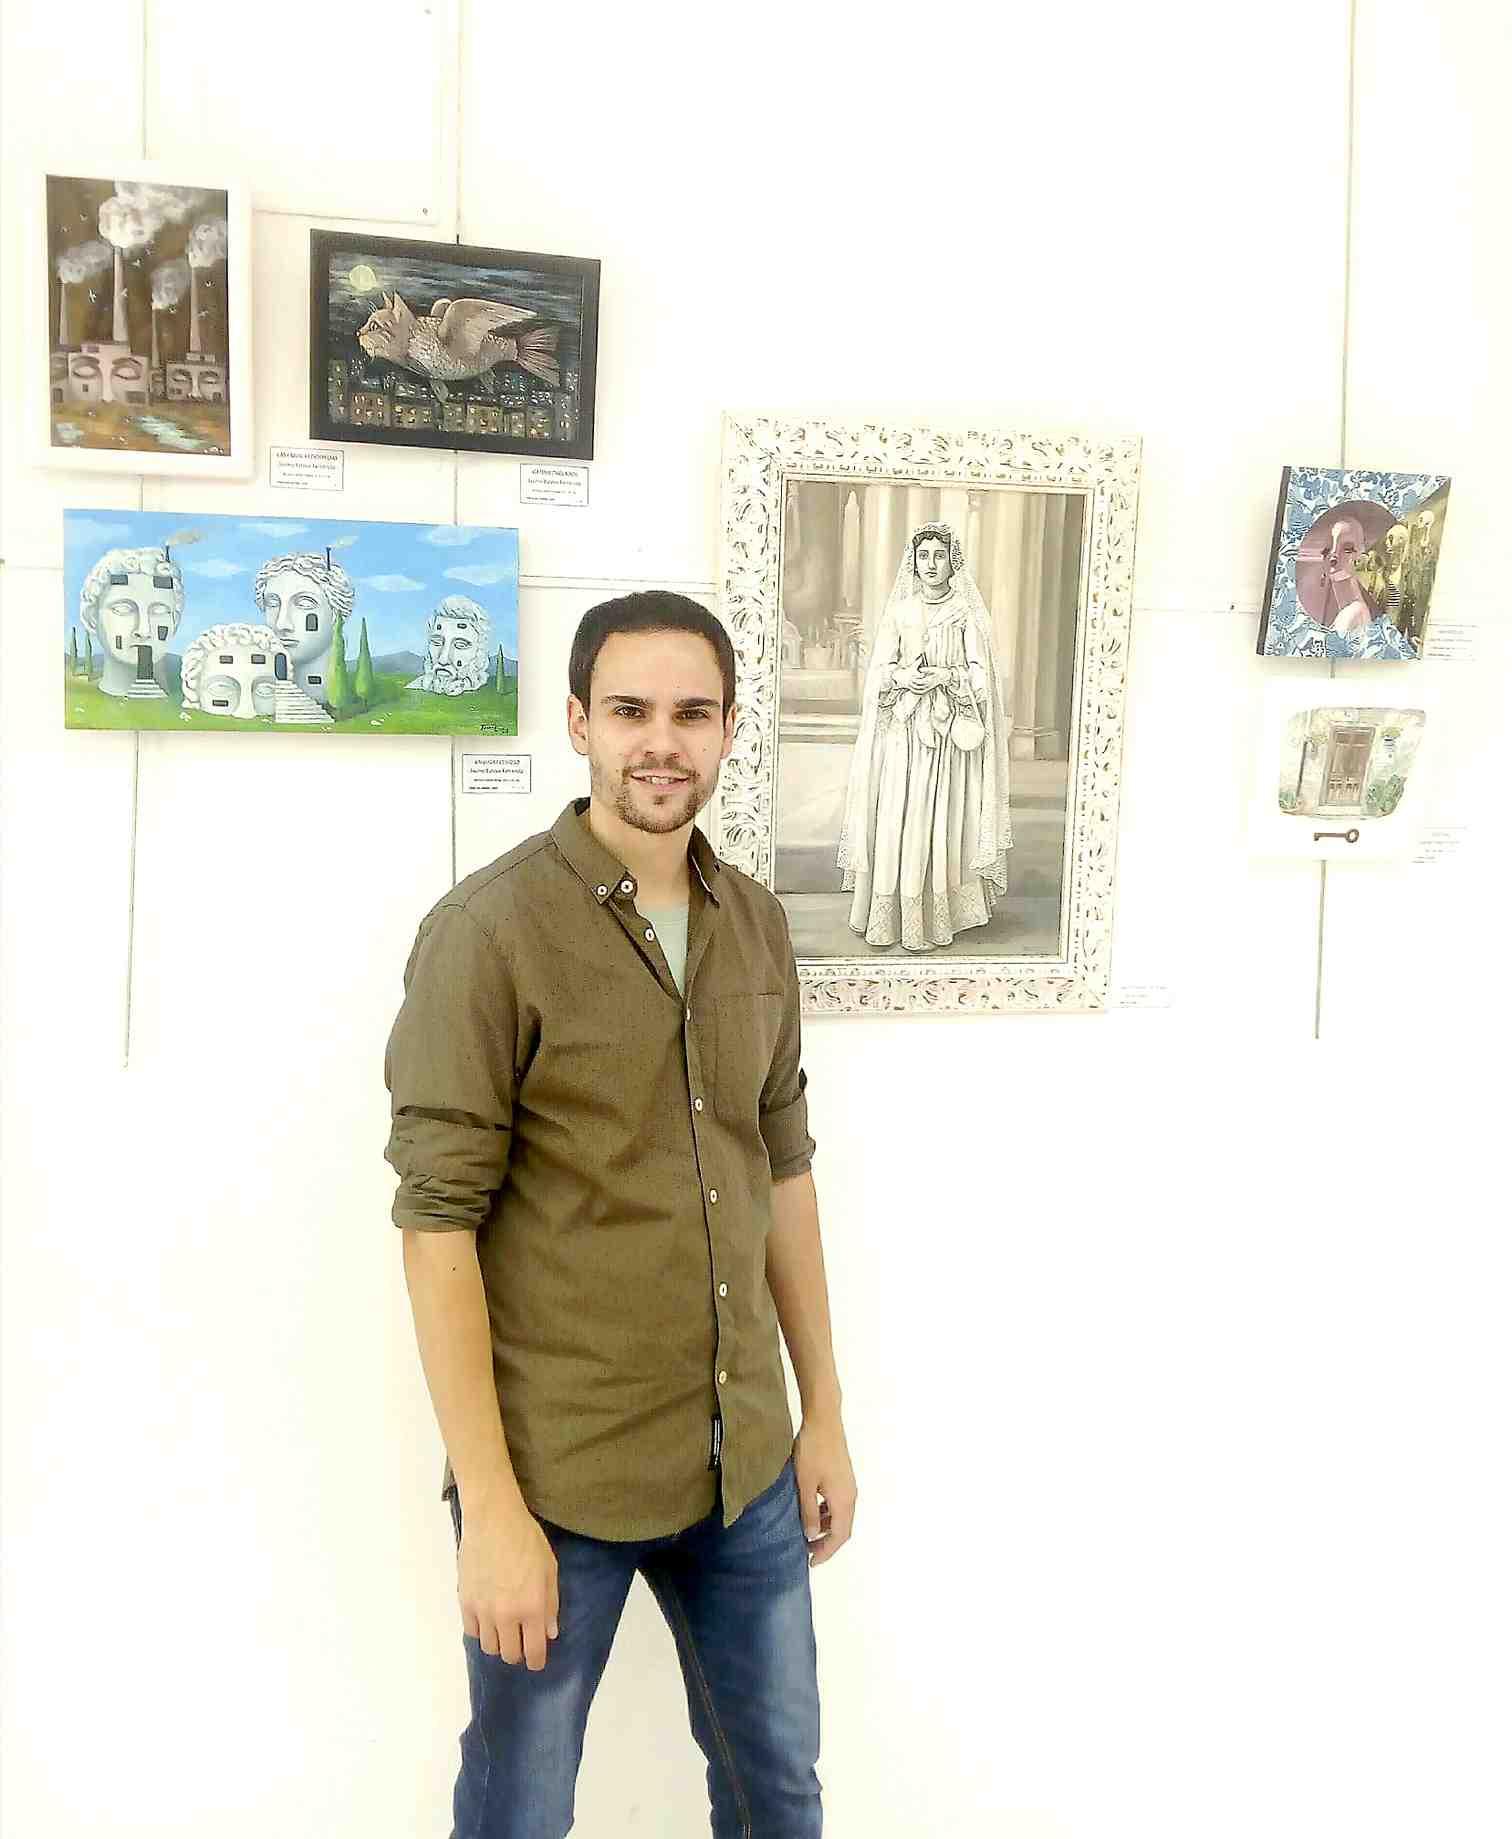 Exposició de treballs del taller d'art de Jaume Esteve en Castalla